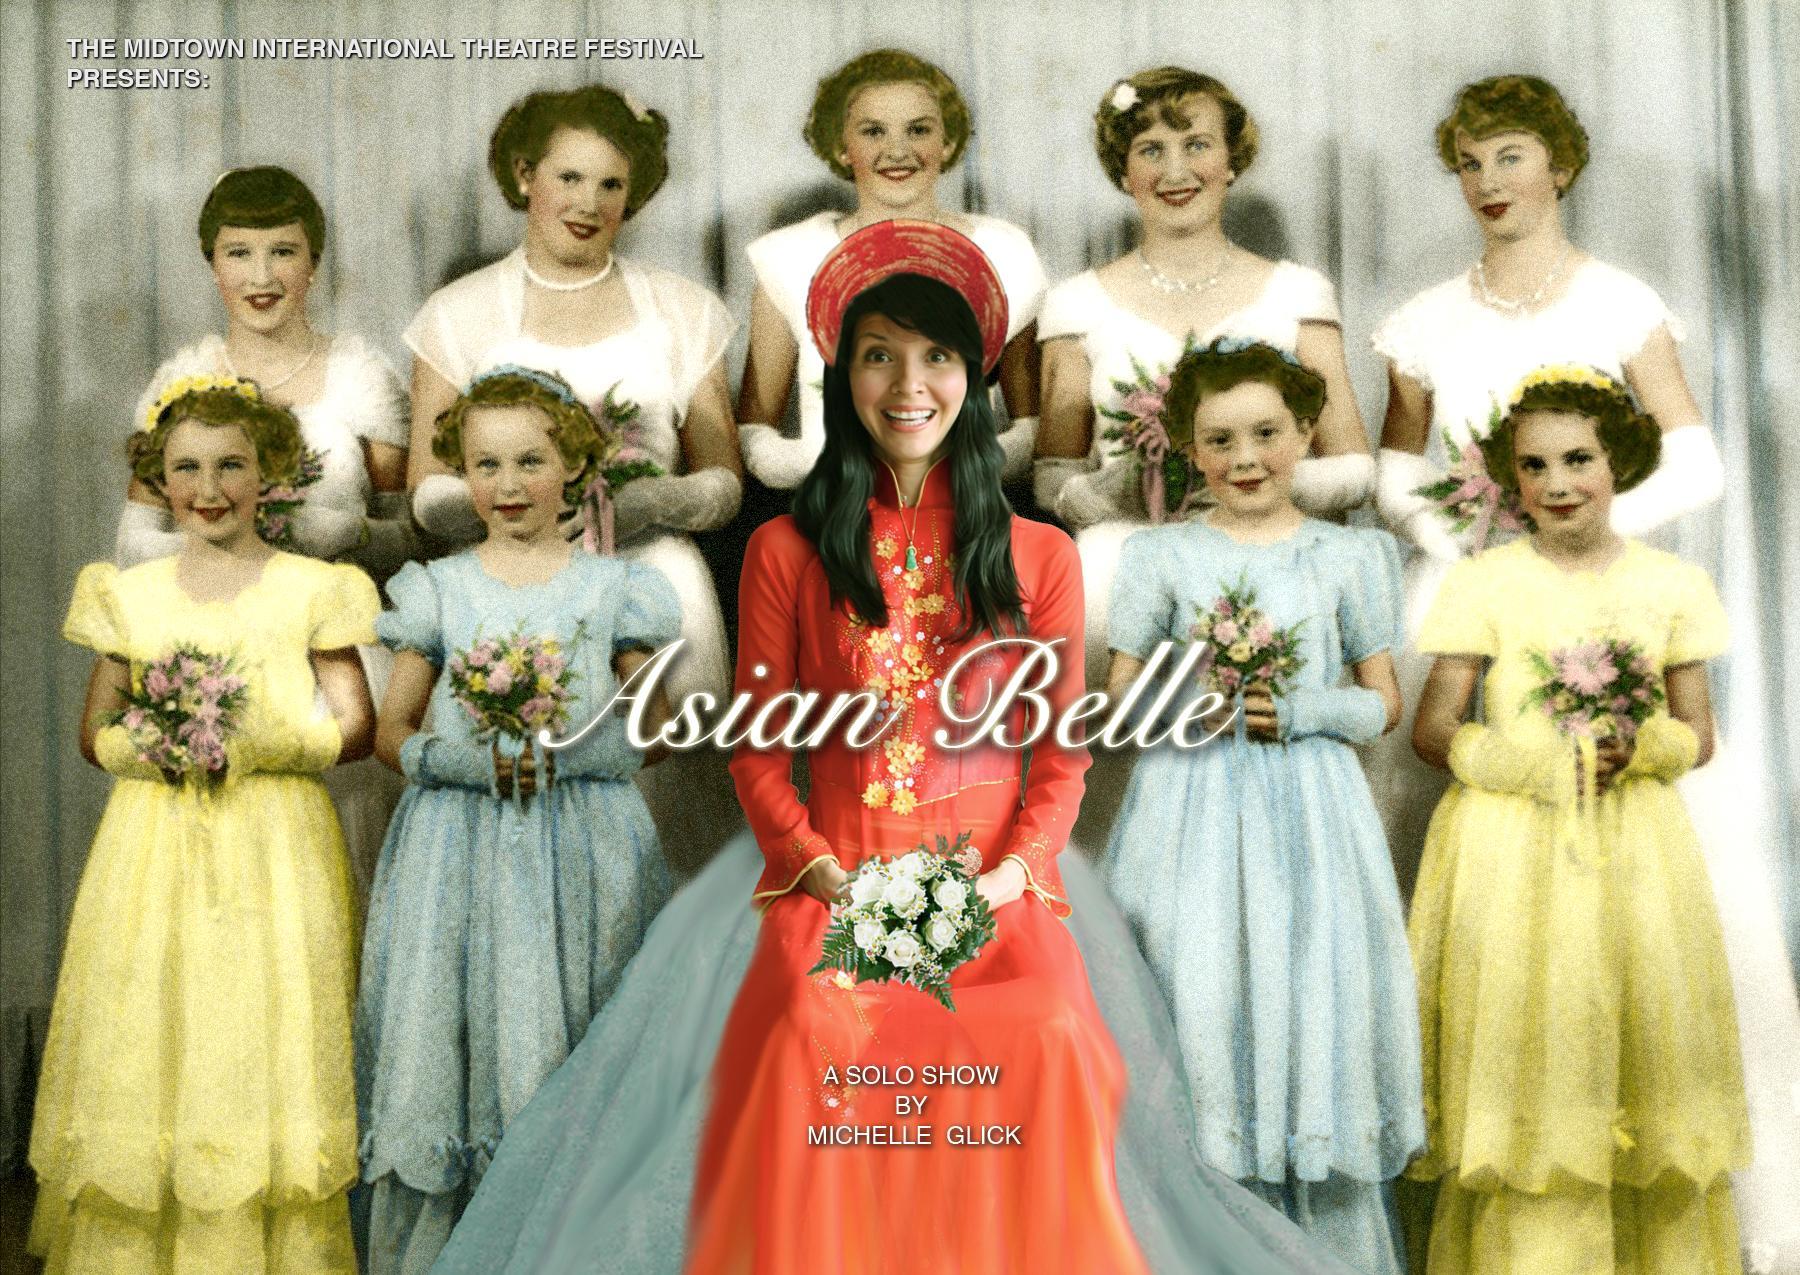 Asian Belle